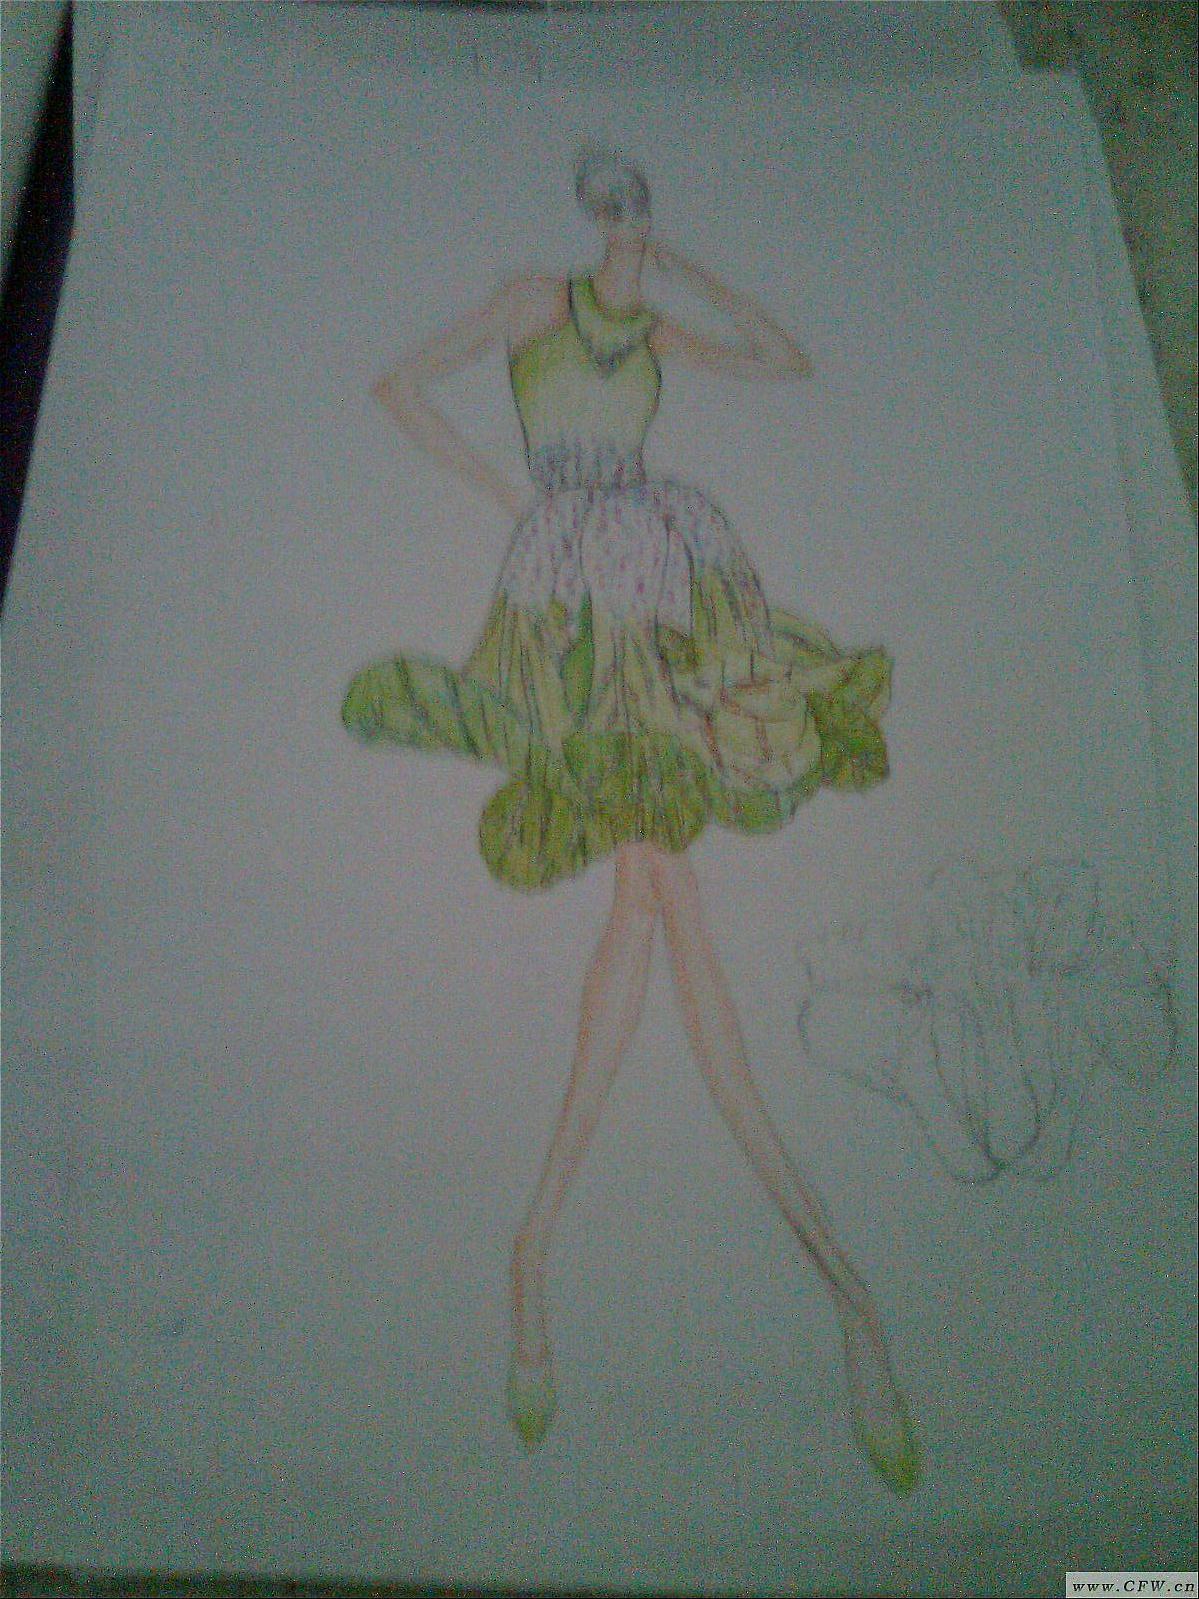 服装 归属:女装款式-连衣裙 分享: 格式:jpg 尺寸: 创意:来源于大自然